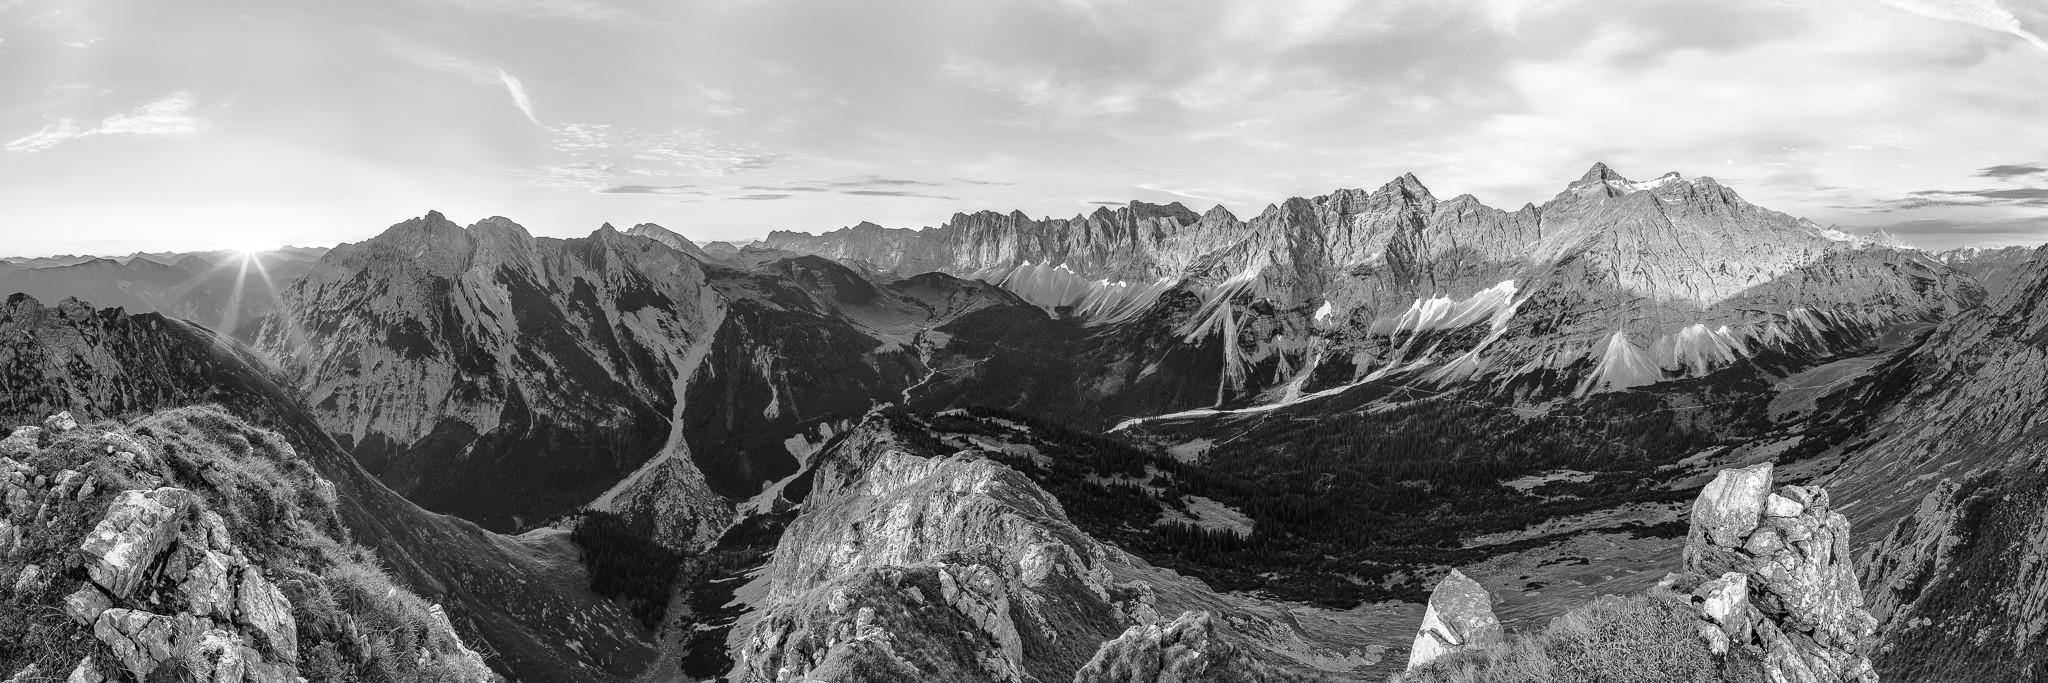 Karwendelhauptkamm 3 : 1 schwarz weiß. Sonnenaufgang am Karwendelhauptkamm, Schatten am kleinen Ahornboden